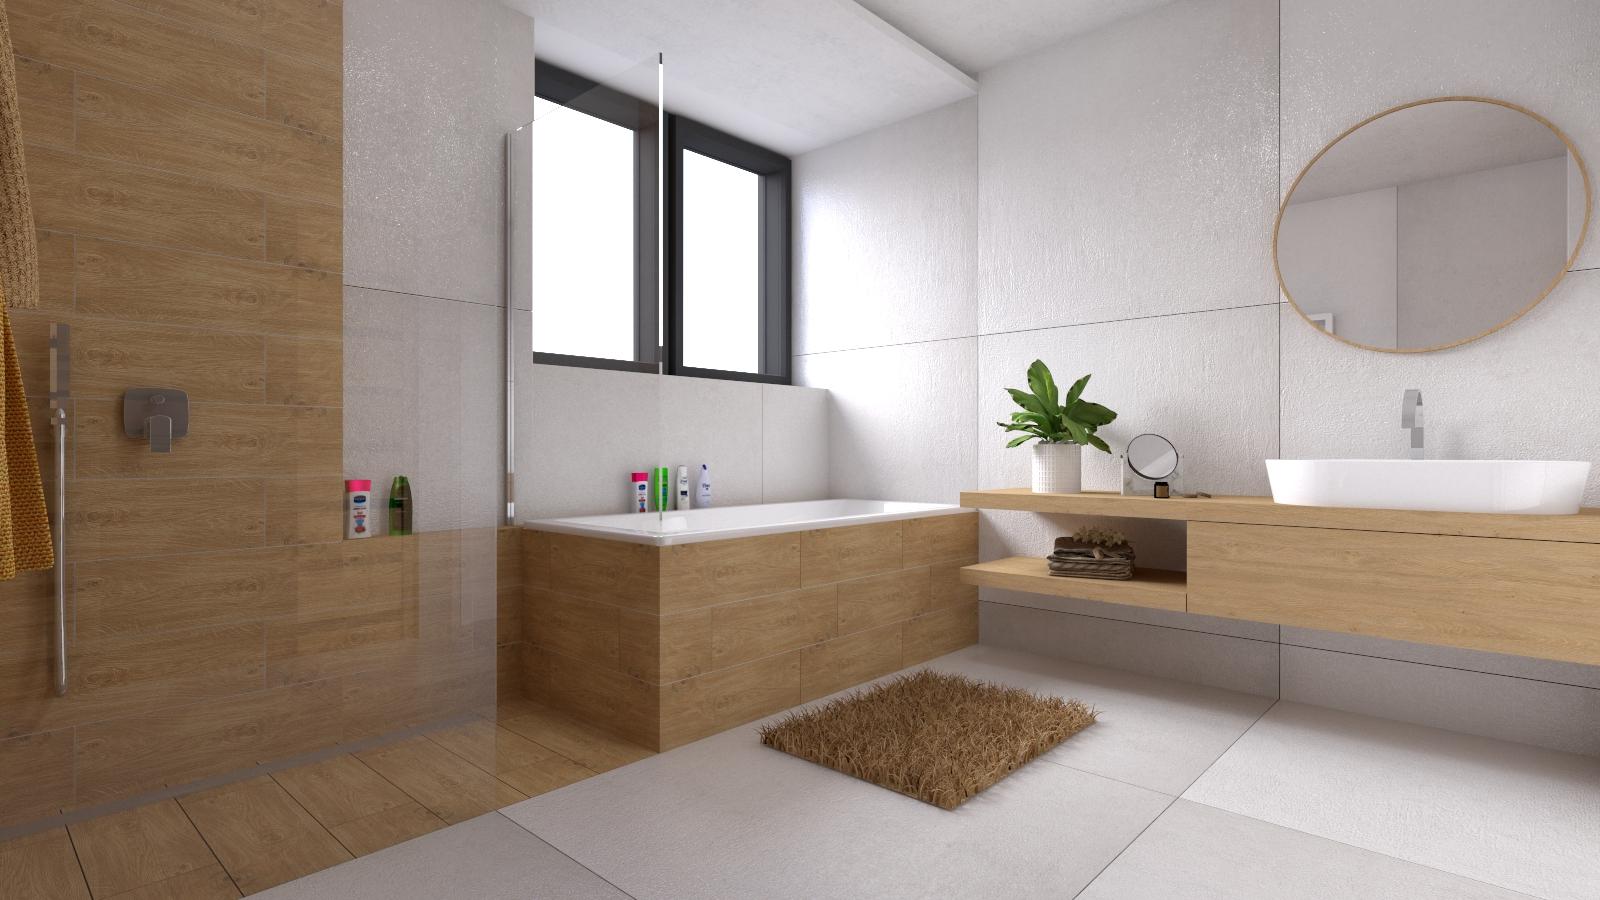 Návrh interiéru novostavby Bítýška5